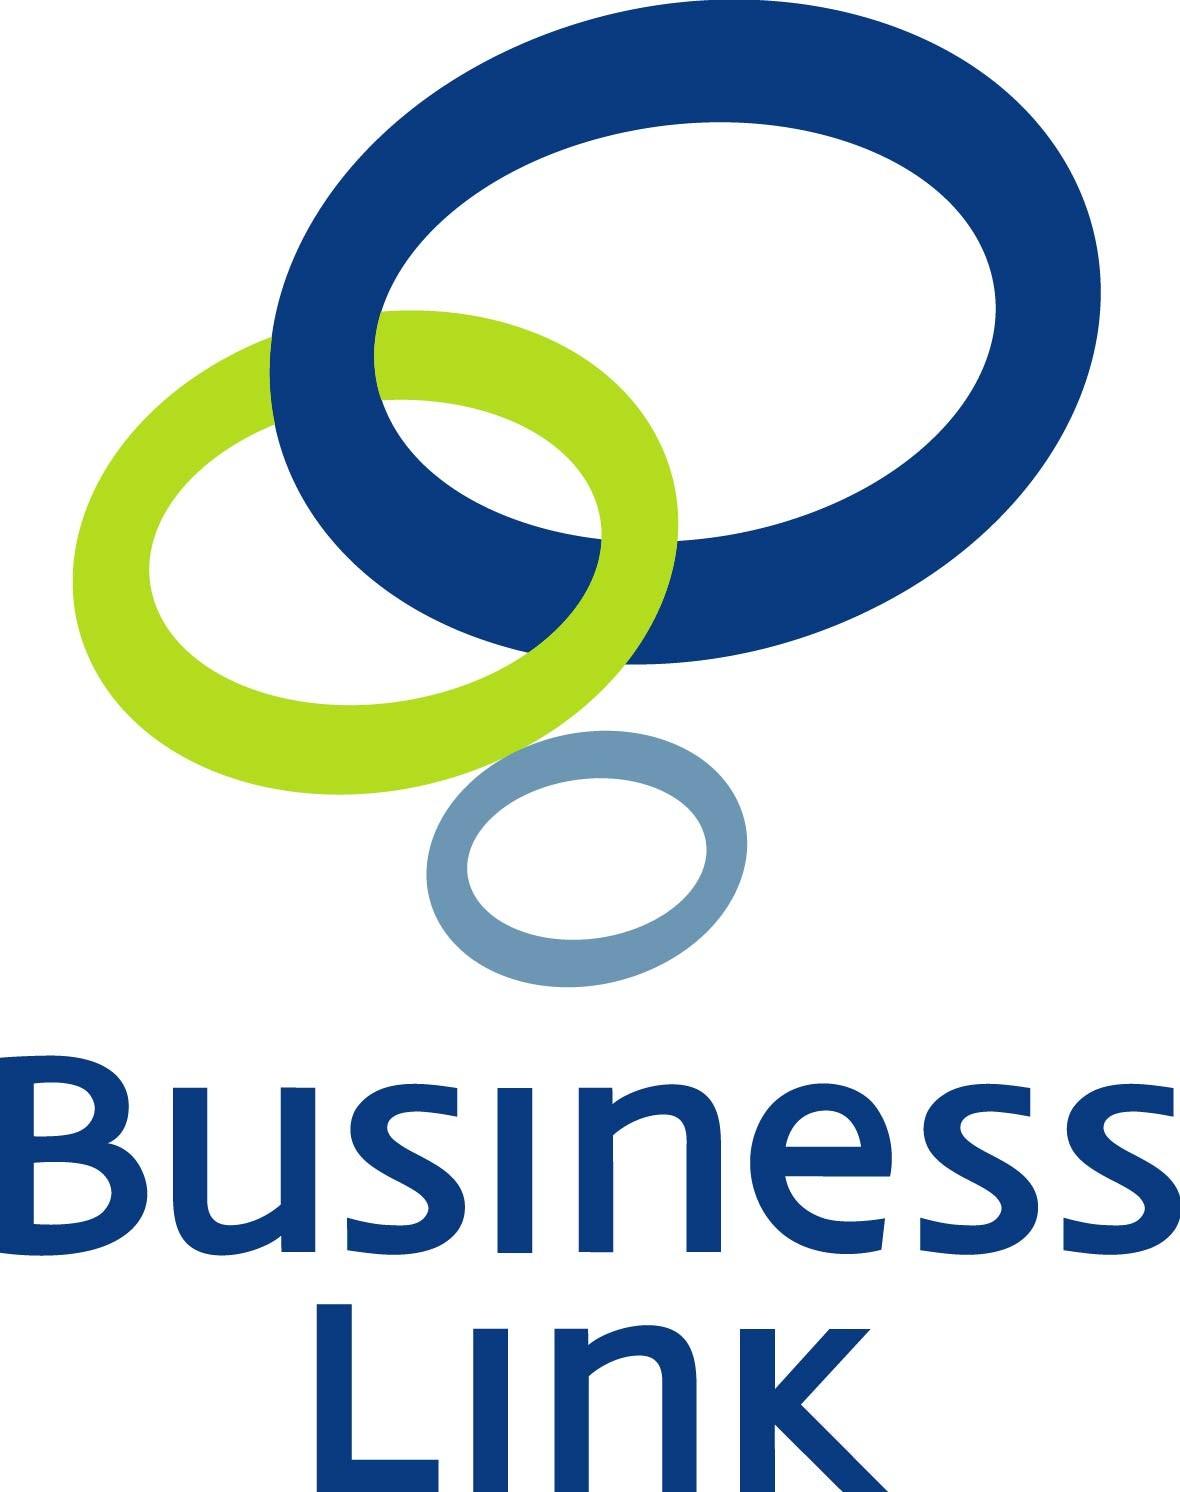 Businesslink sms marketing